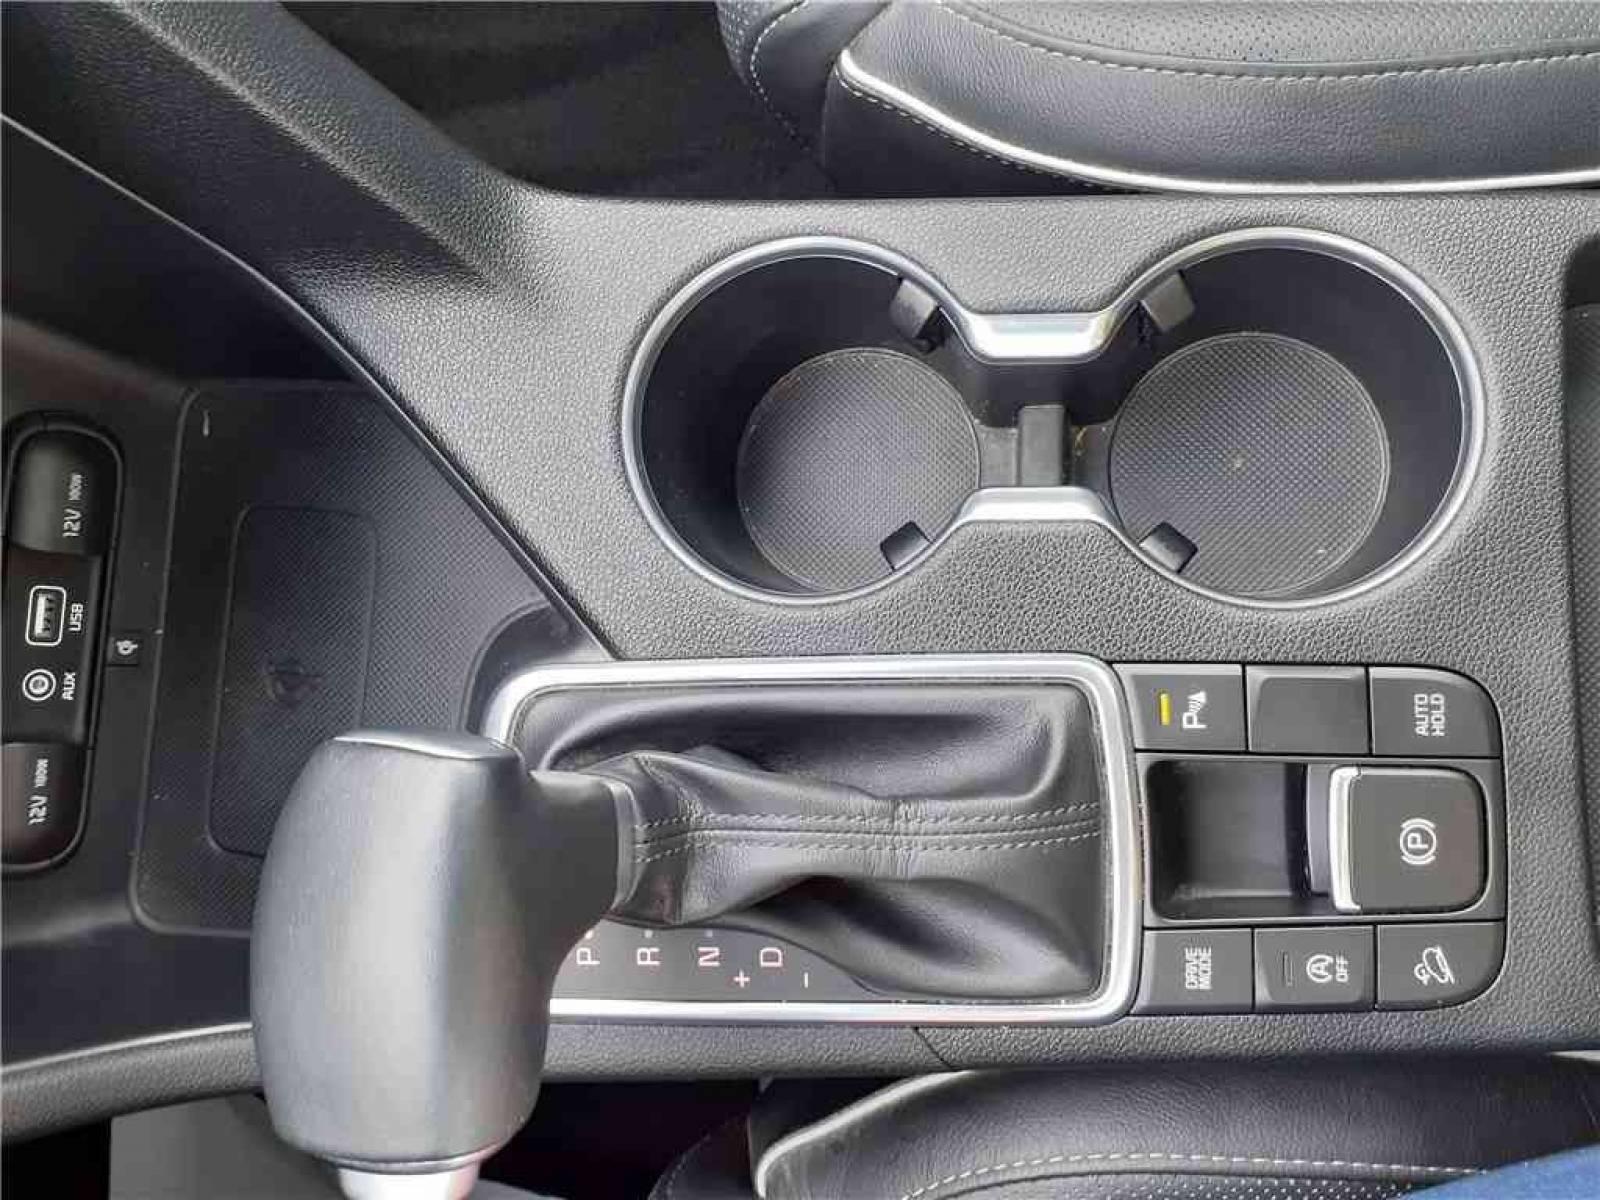 KIA Sportage 1.7 CRDi 141 ISG 4x2 DCT7 - véhicule d'occasion - Groupe Guillet - Hall de l'automobile - Chalon sur Saône - 71380 - Saint-Marcel - 47